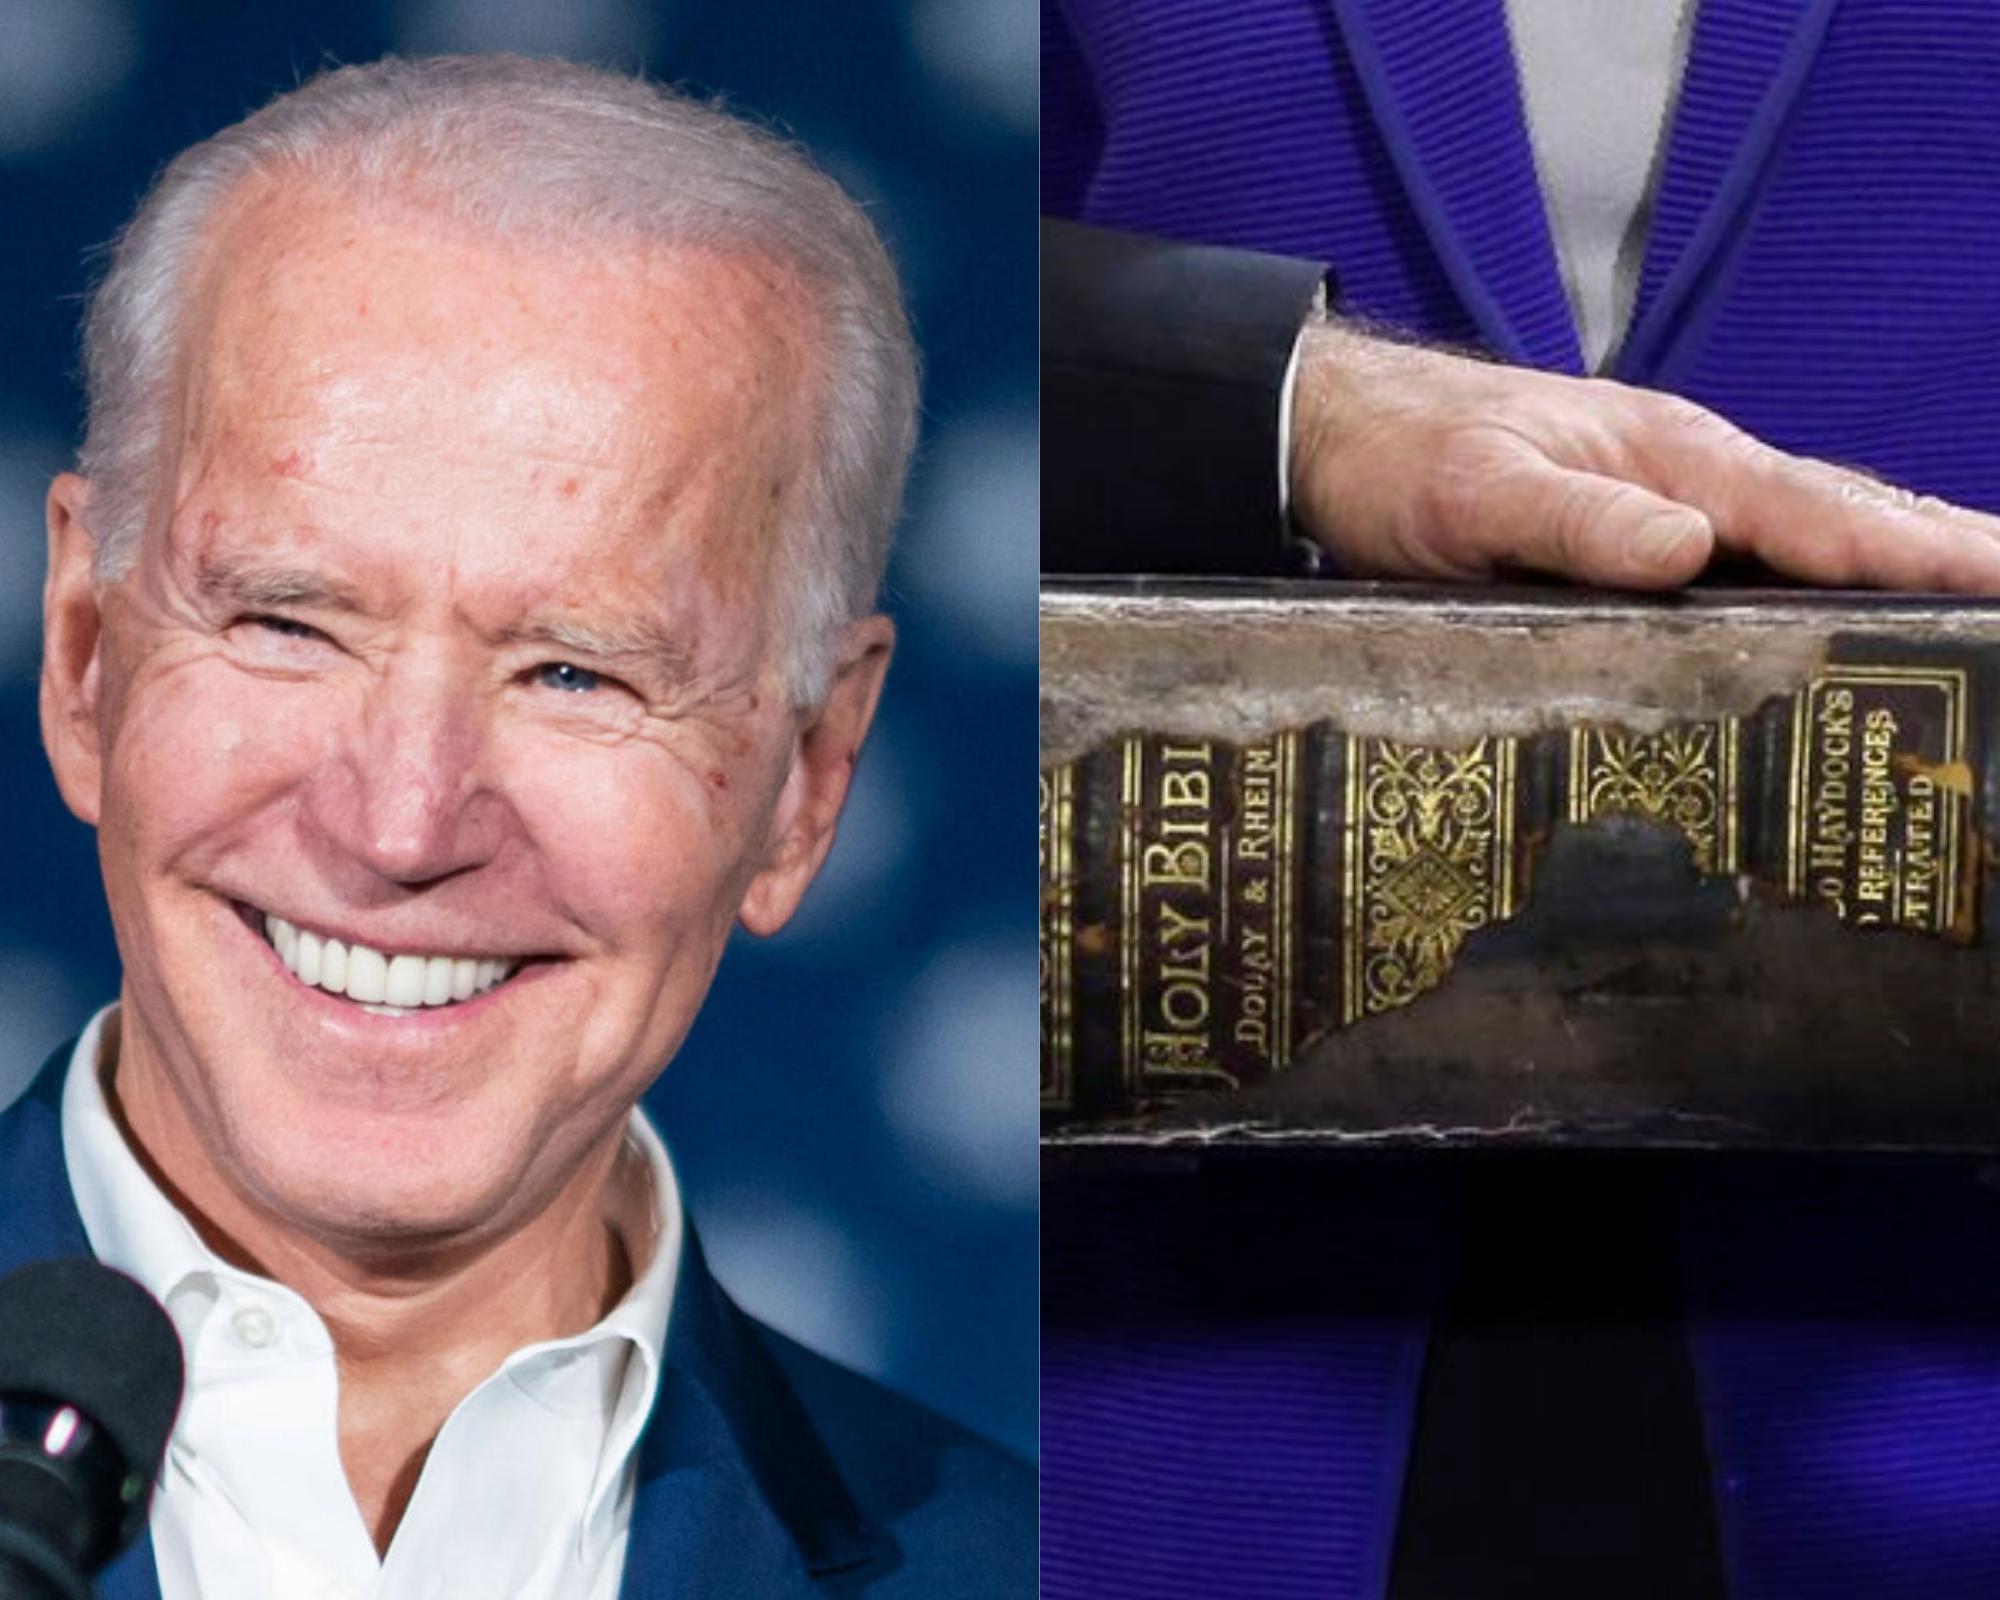 Biden met bible